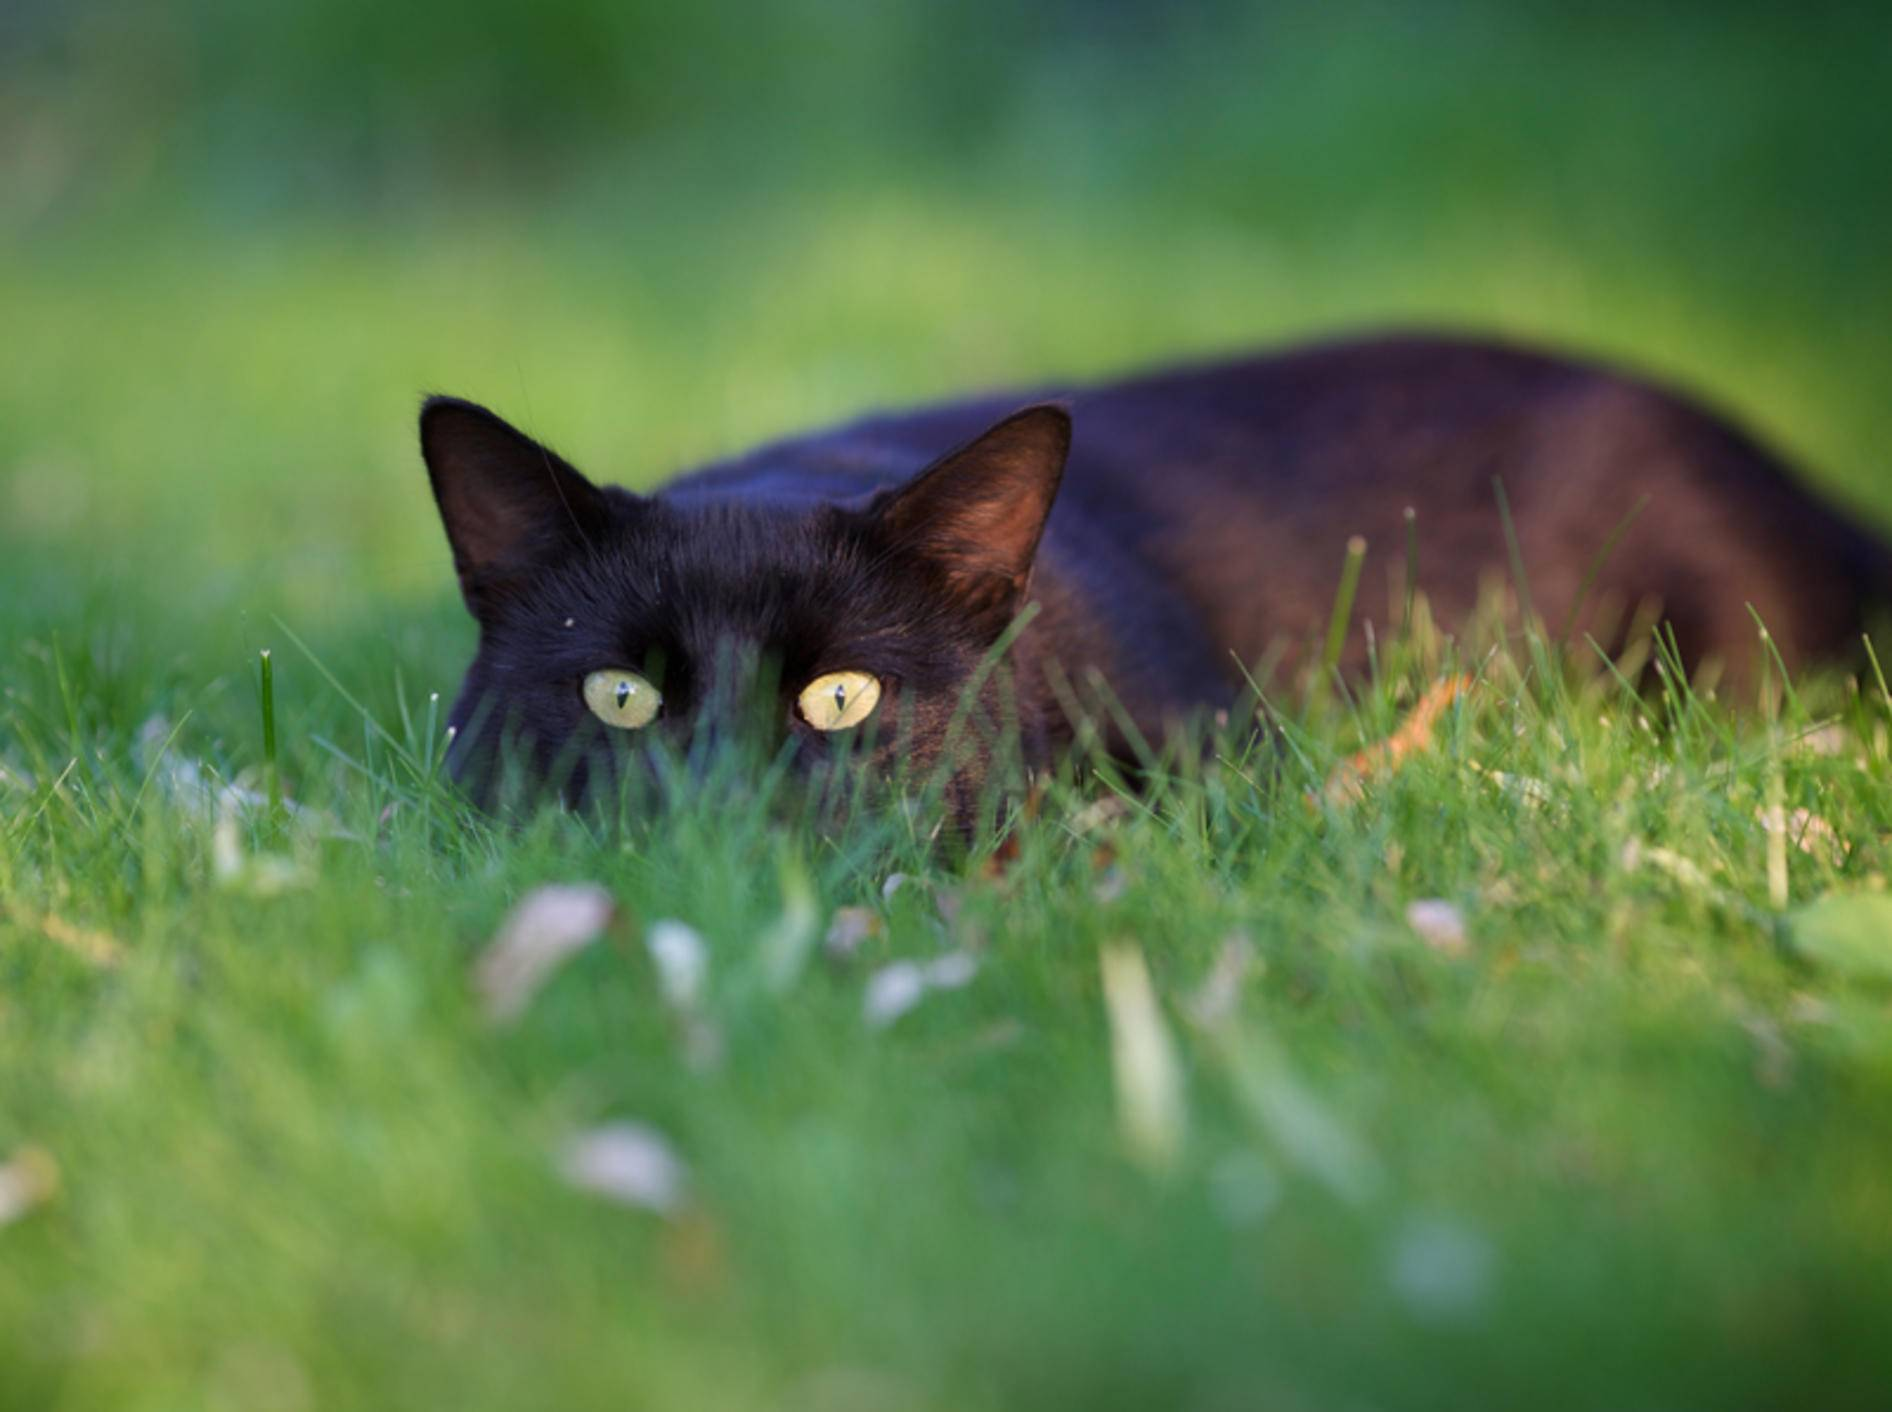 Voller Konzentration liegt die Katze auf der Lauer – Shutterstock / Alina Simakova